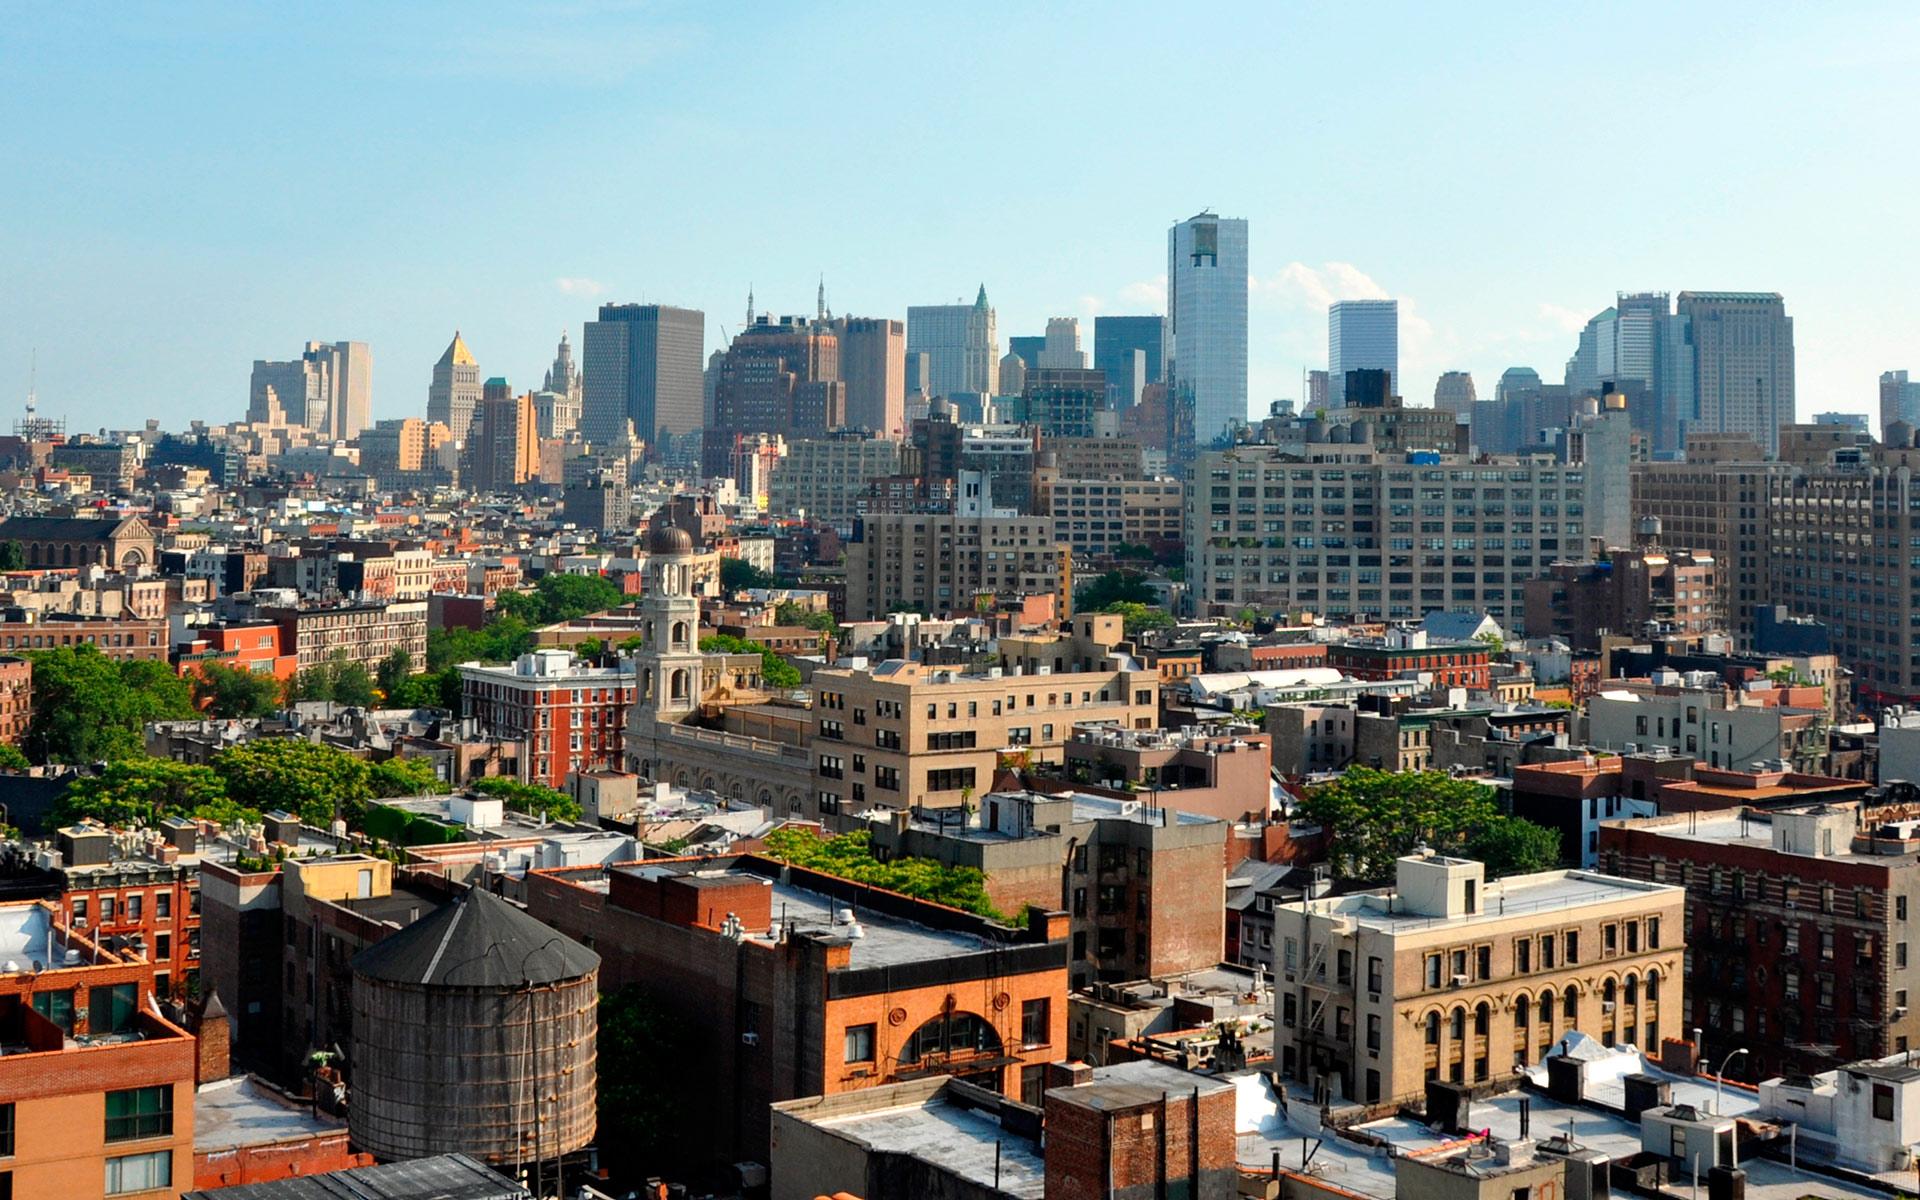 West Village UBIQ New York